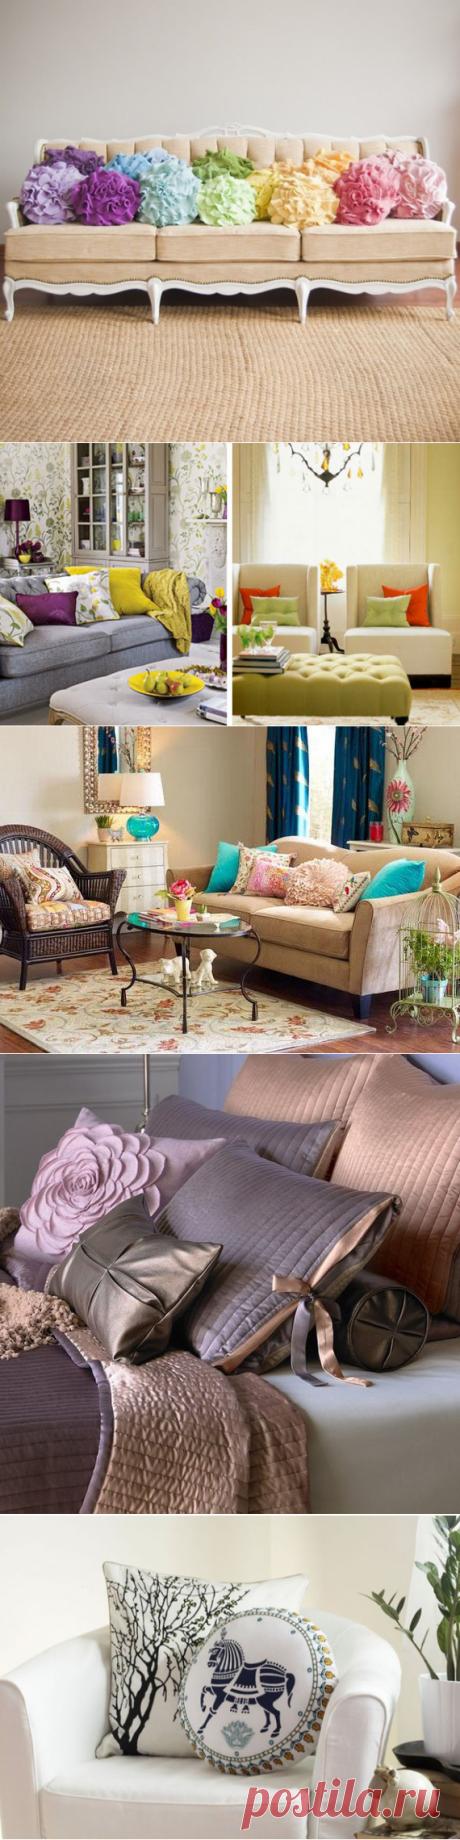 Применяем декоративные подушки в интерьере   Ремонт квартиры своими руками